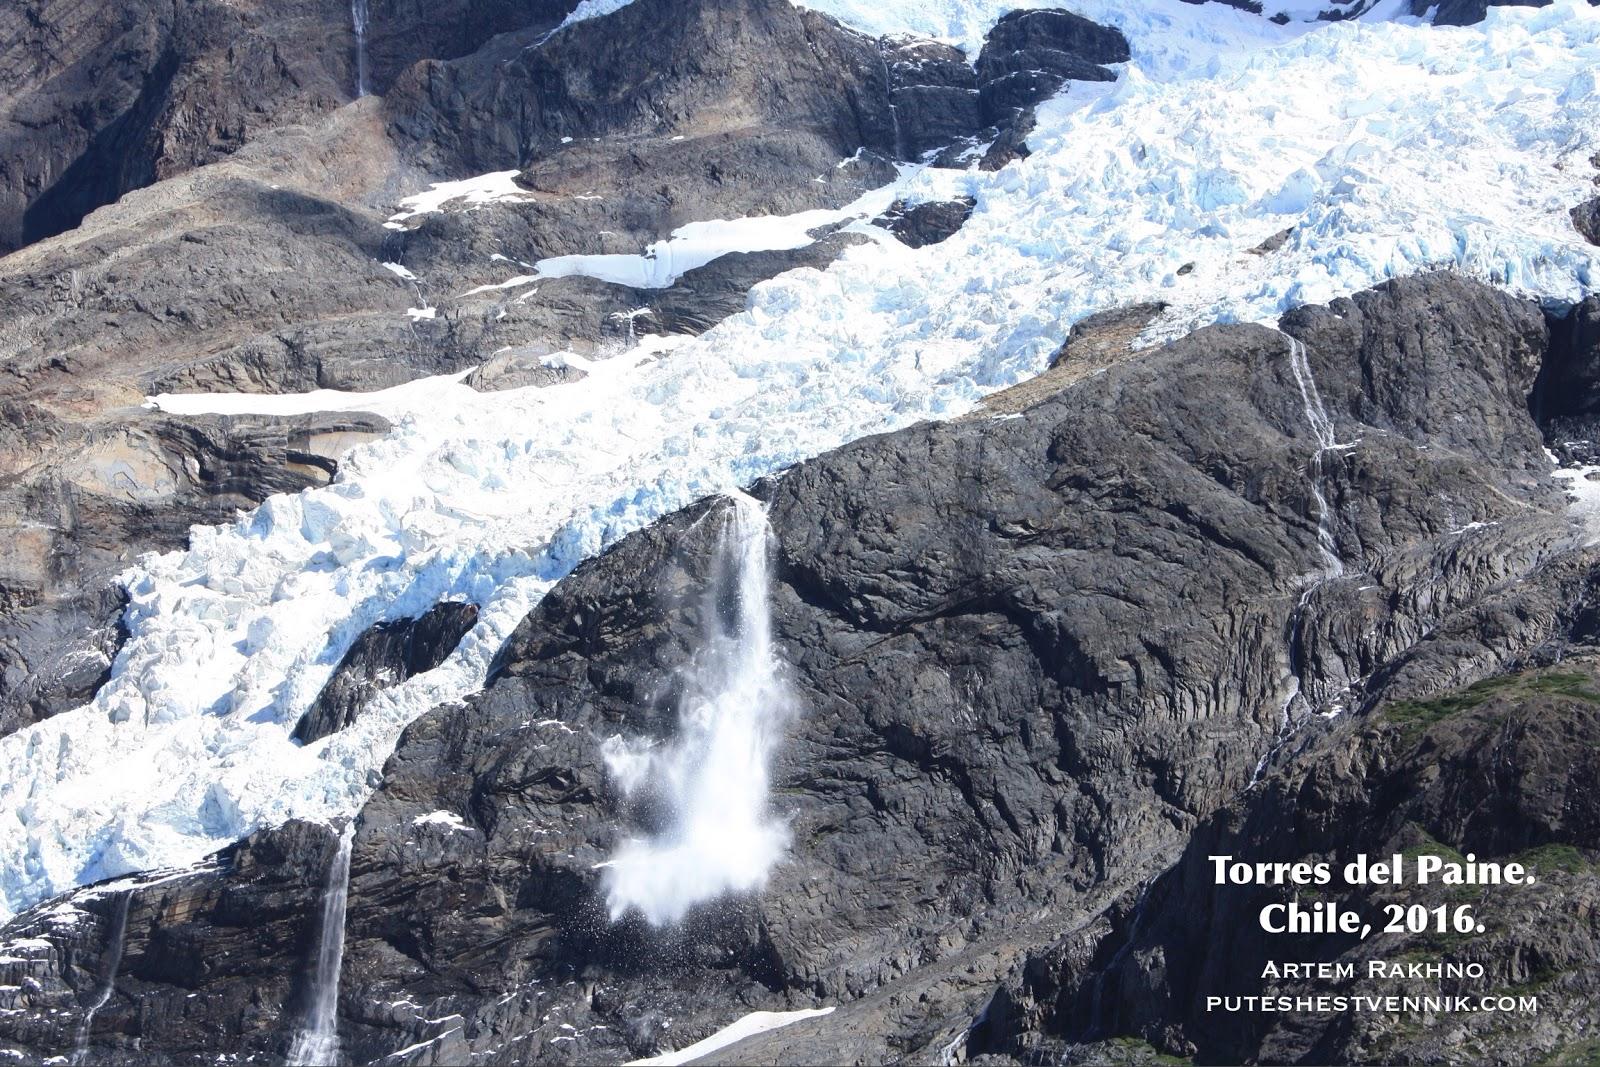 Обвал ледника в Торрес-дель-Пайне